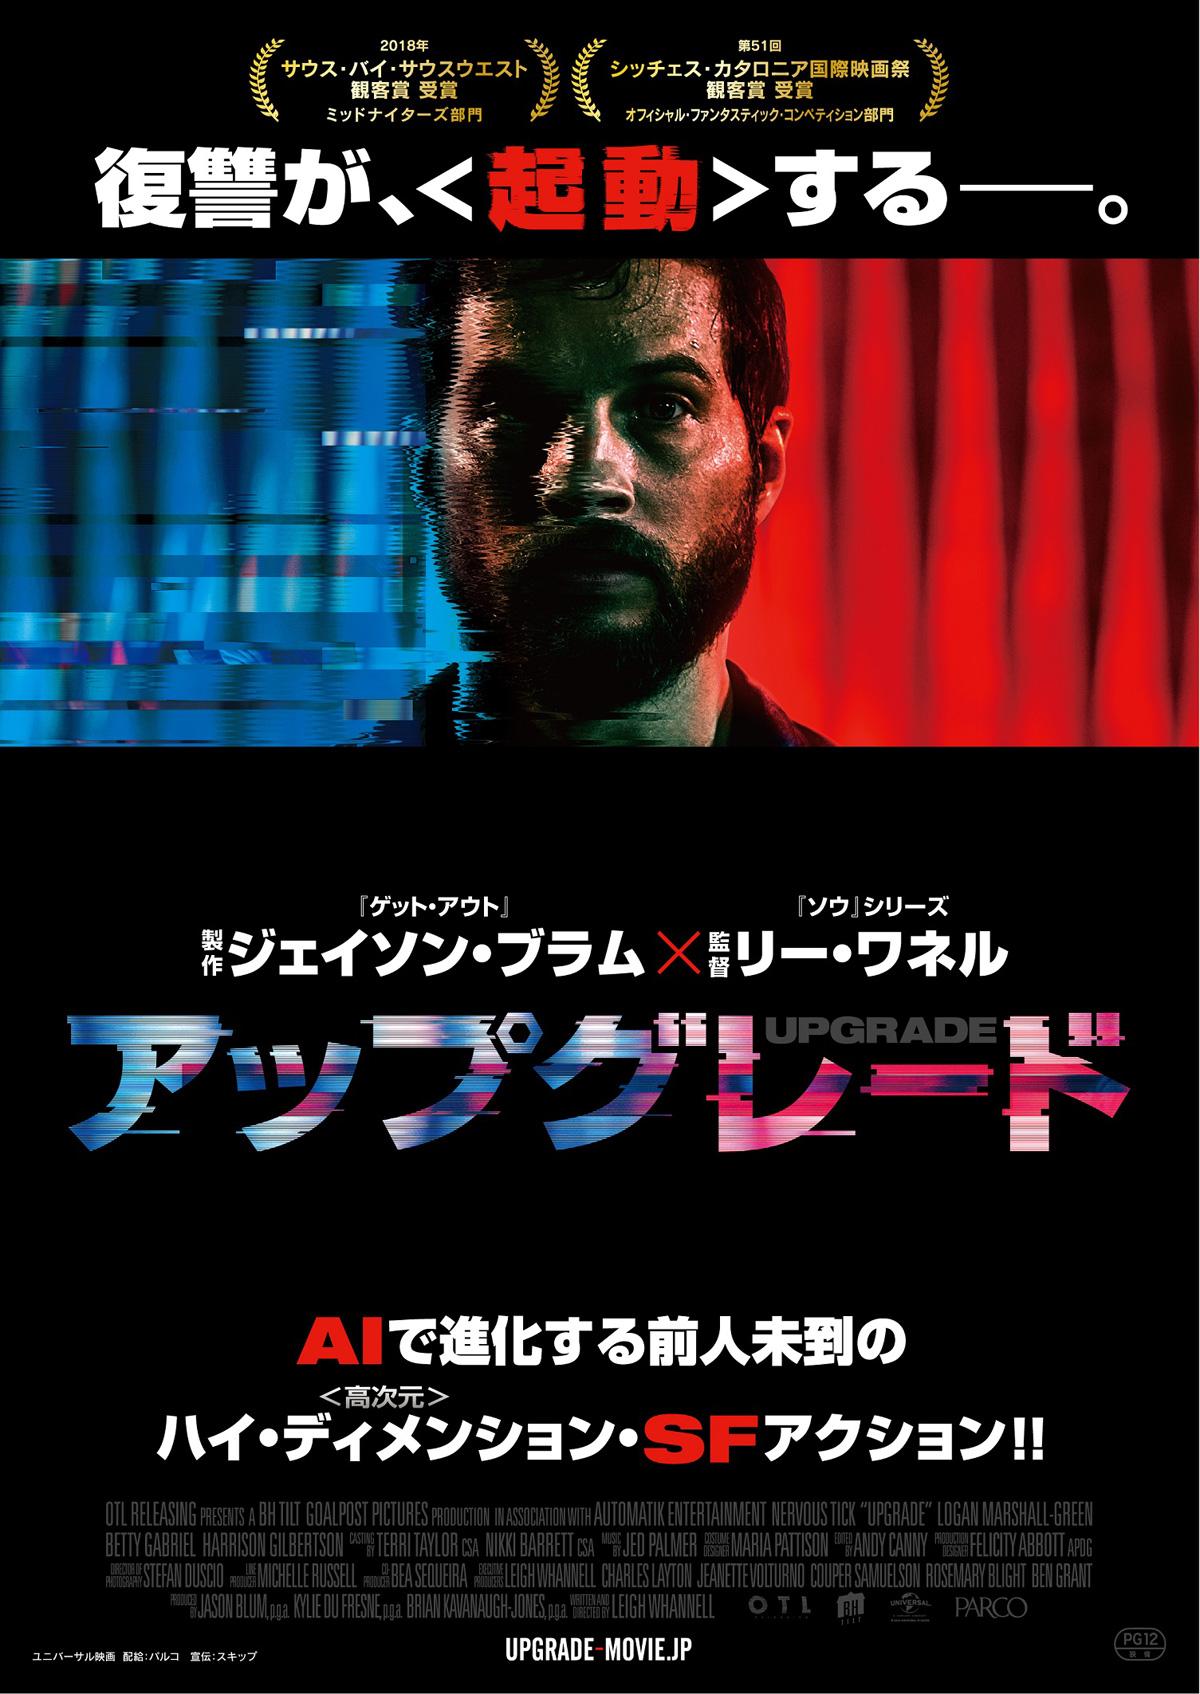 映画『アップグレード』のチラシポスター